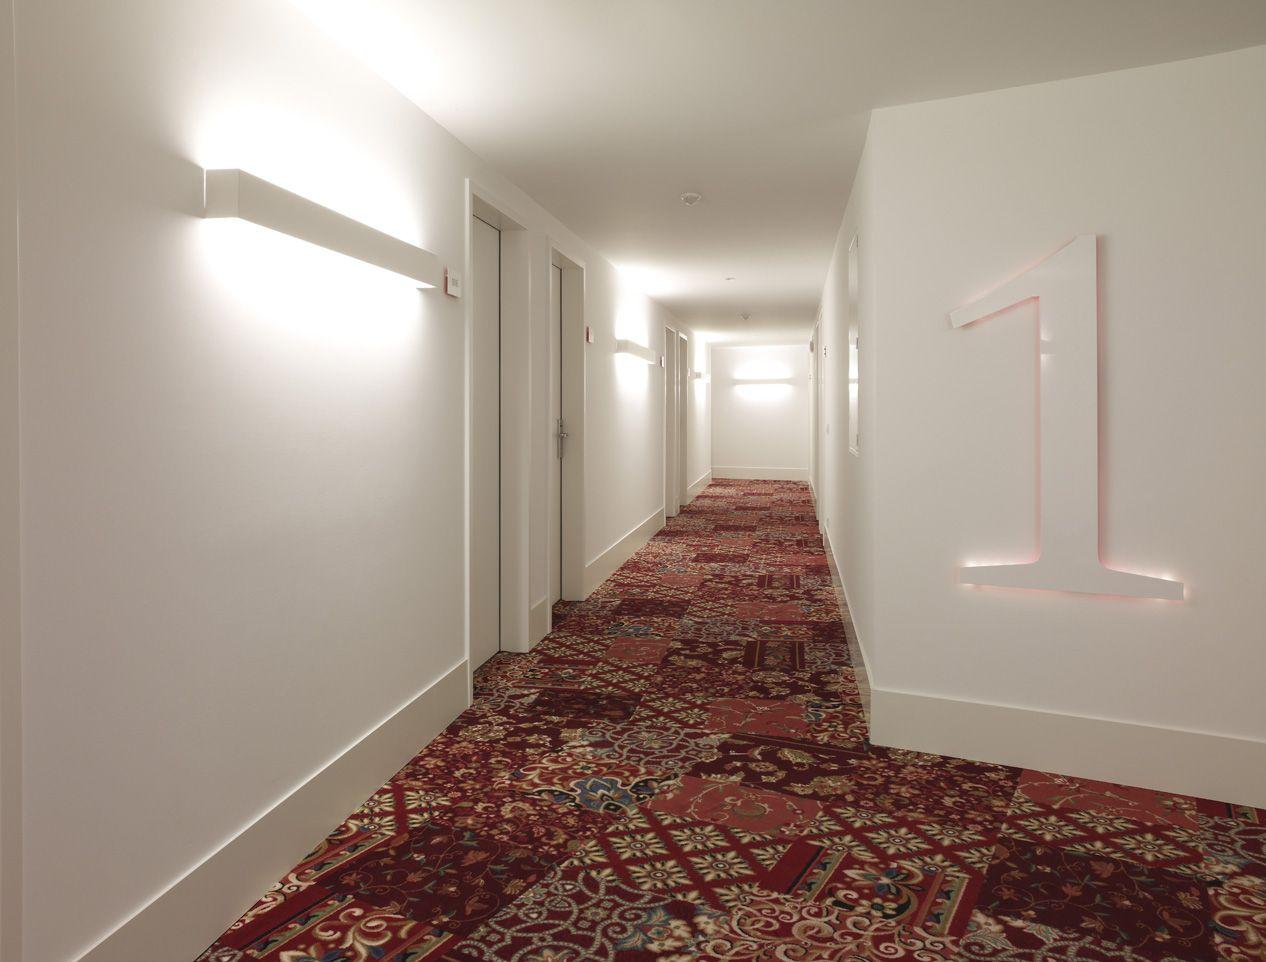 Hotel berlin grand hotel modern antique carpet red